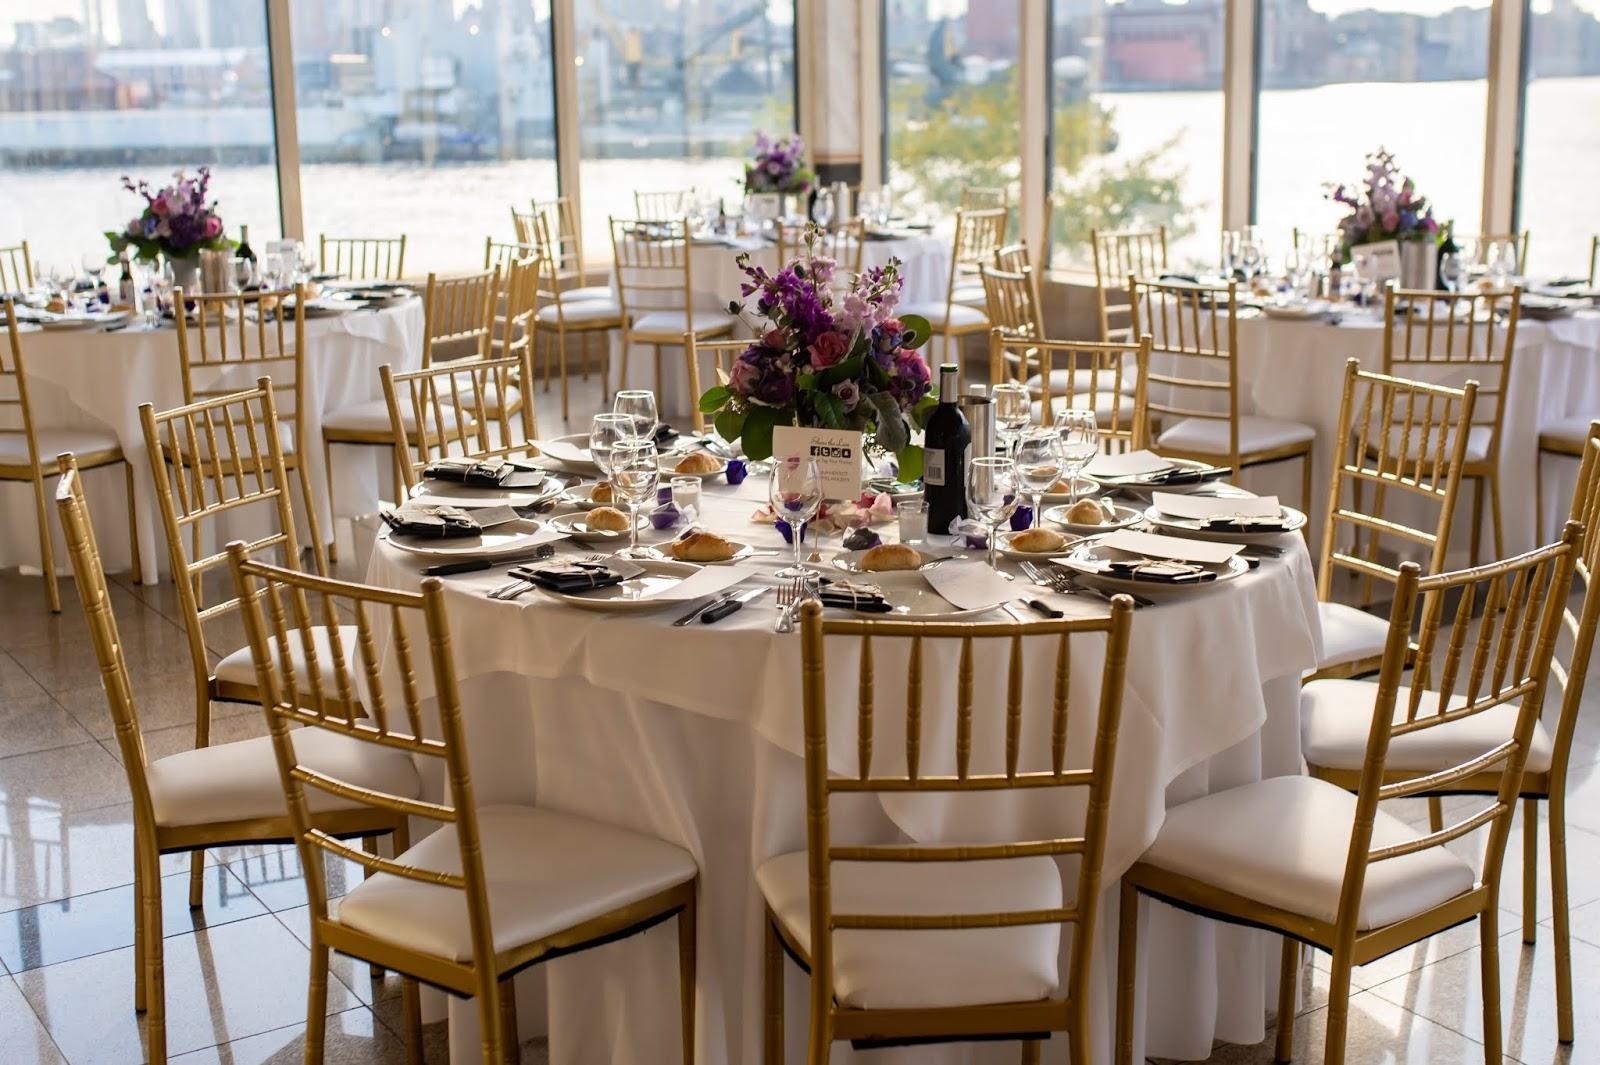 Michael King-Artlook Wedding Photography